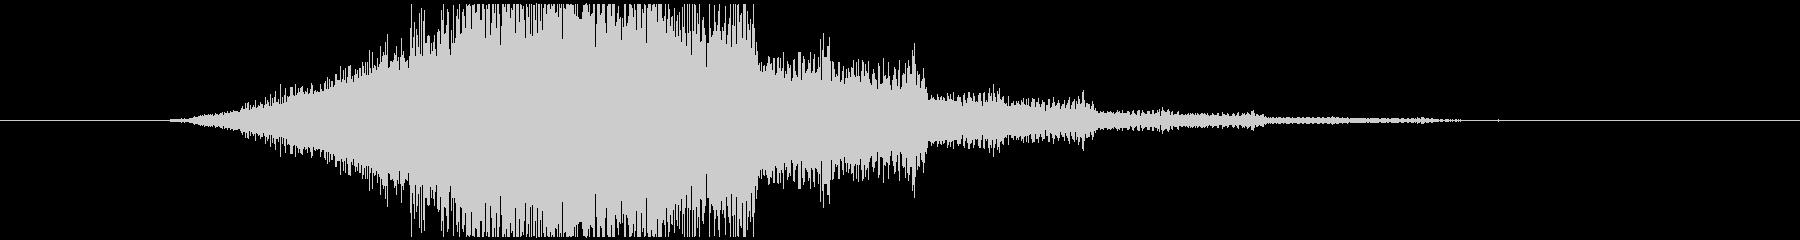 ジャーン(企業ロゴ、スピード)の未再生の波形